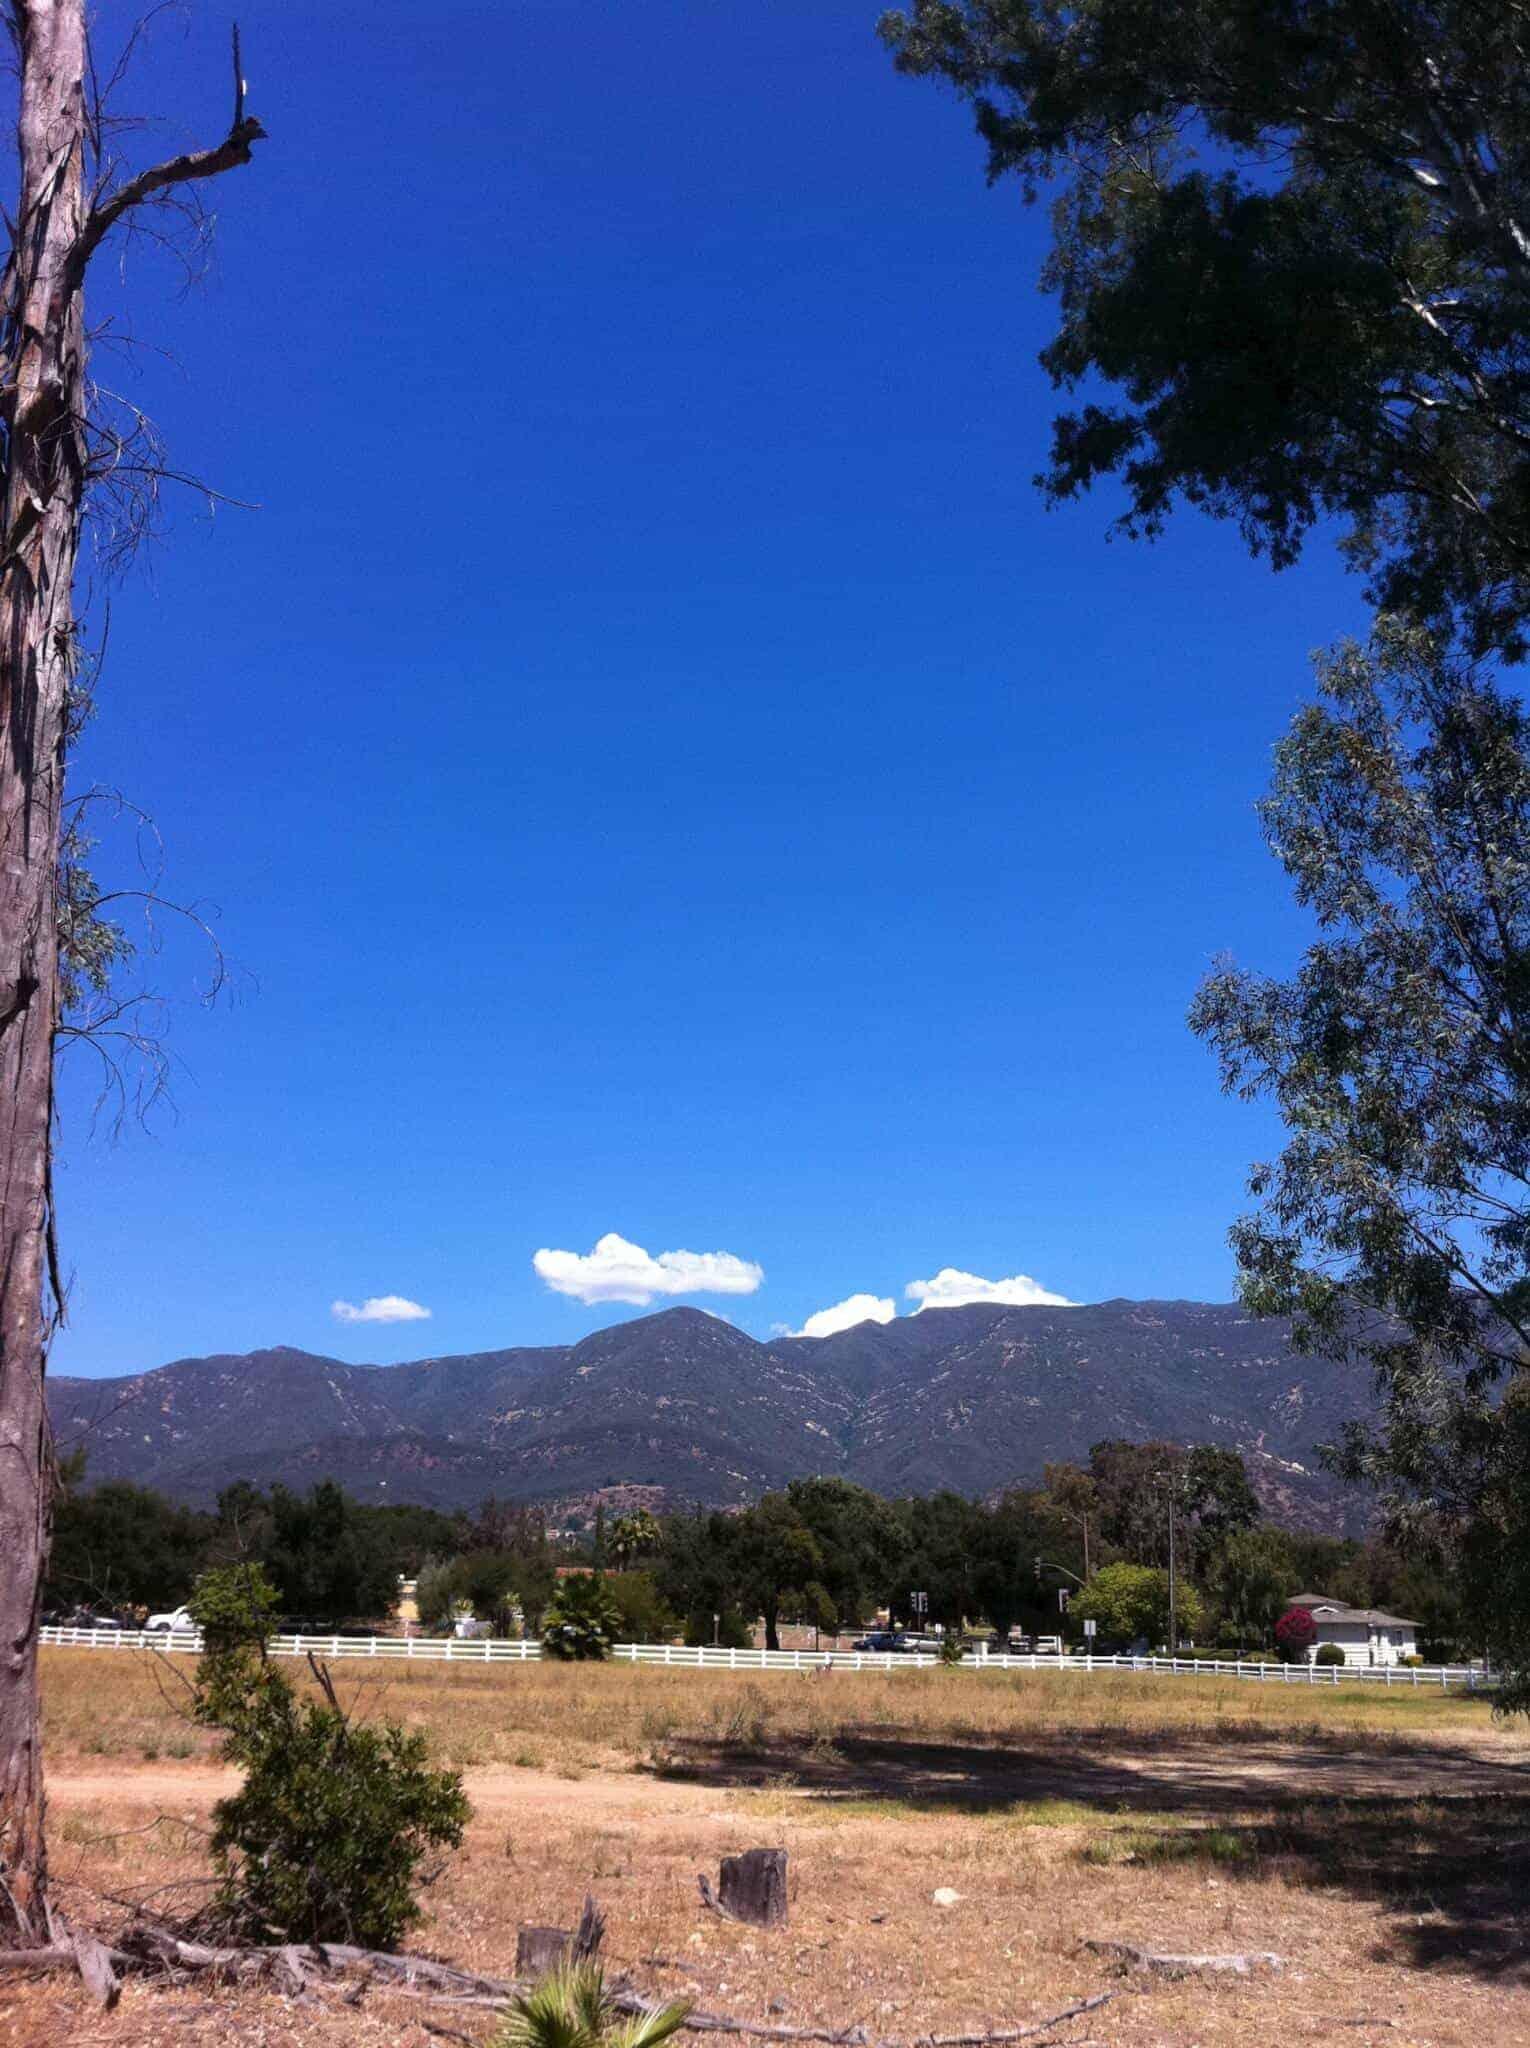 Blue Skies in Ojai